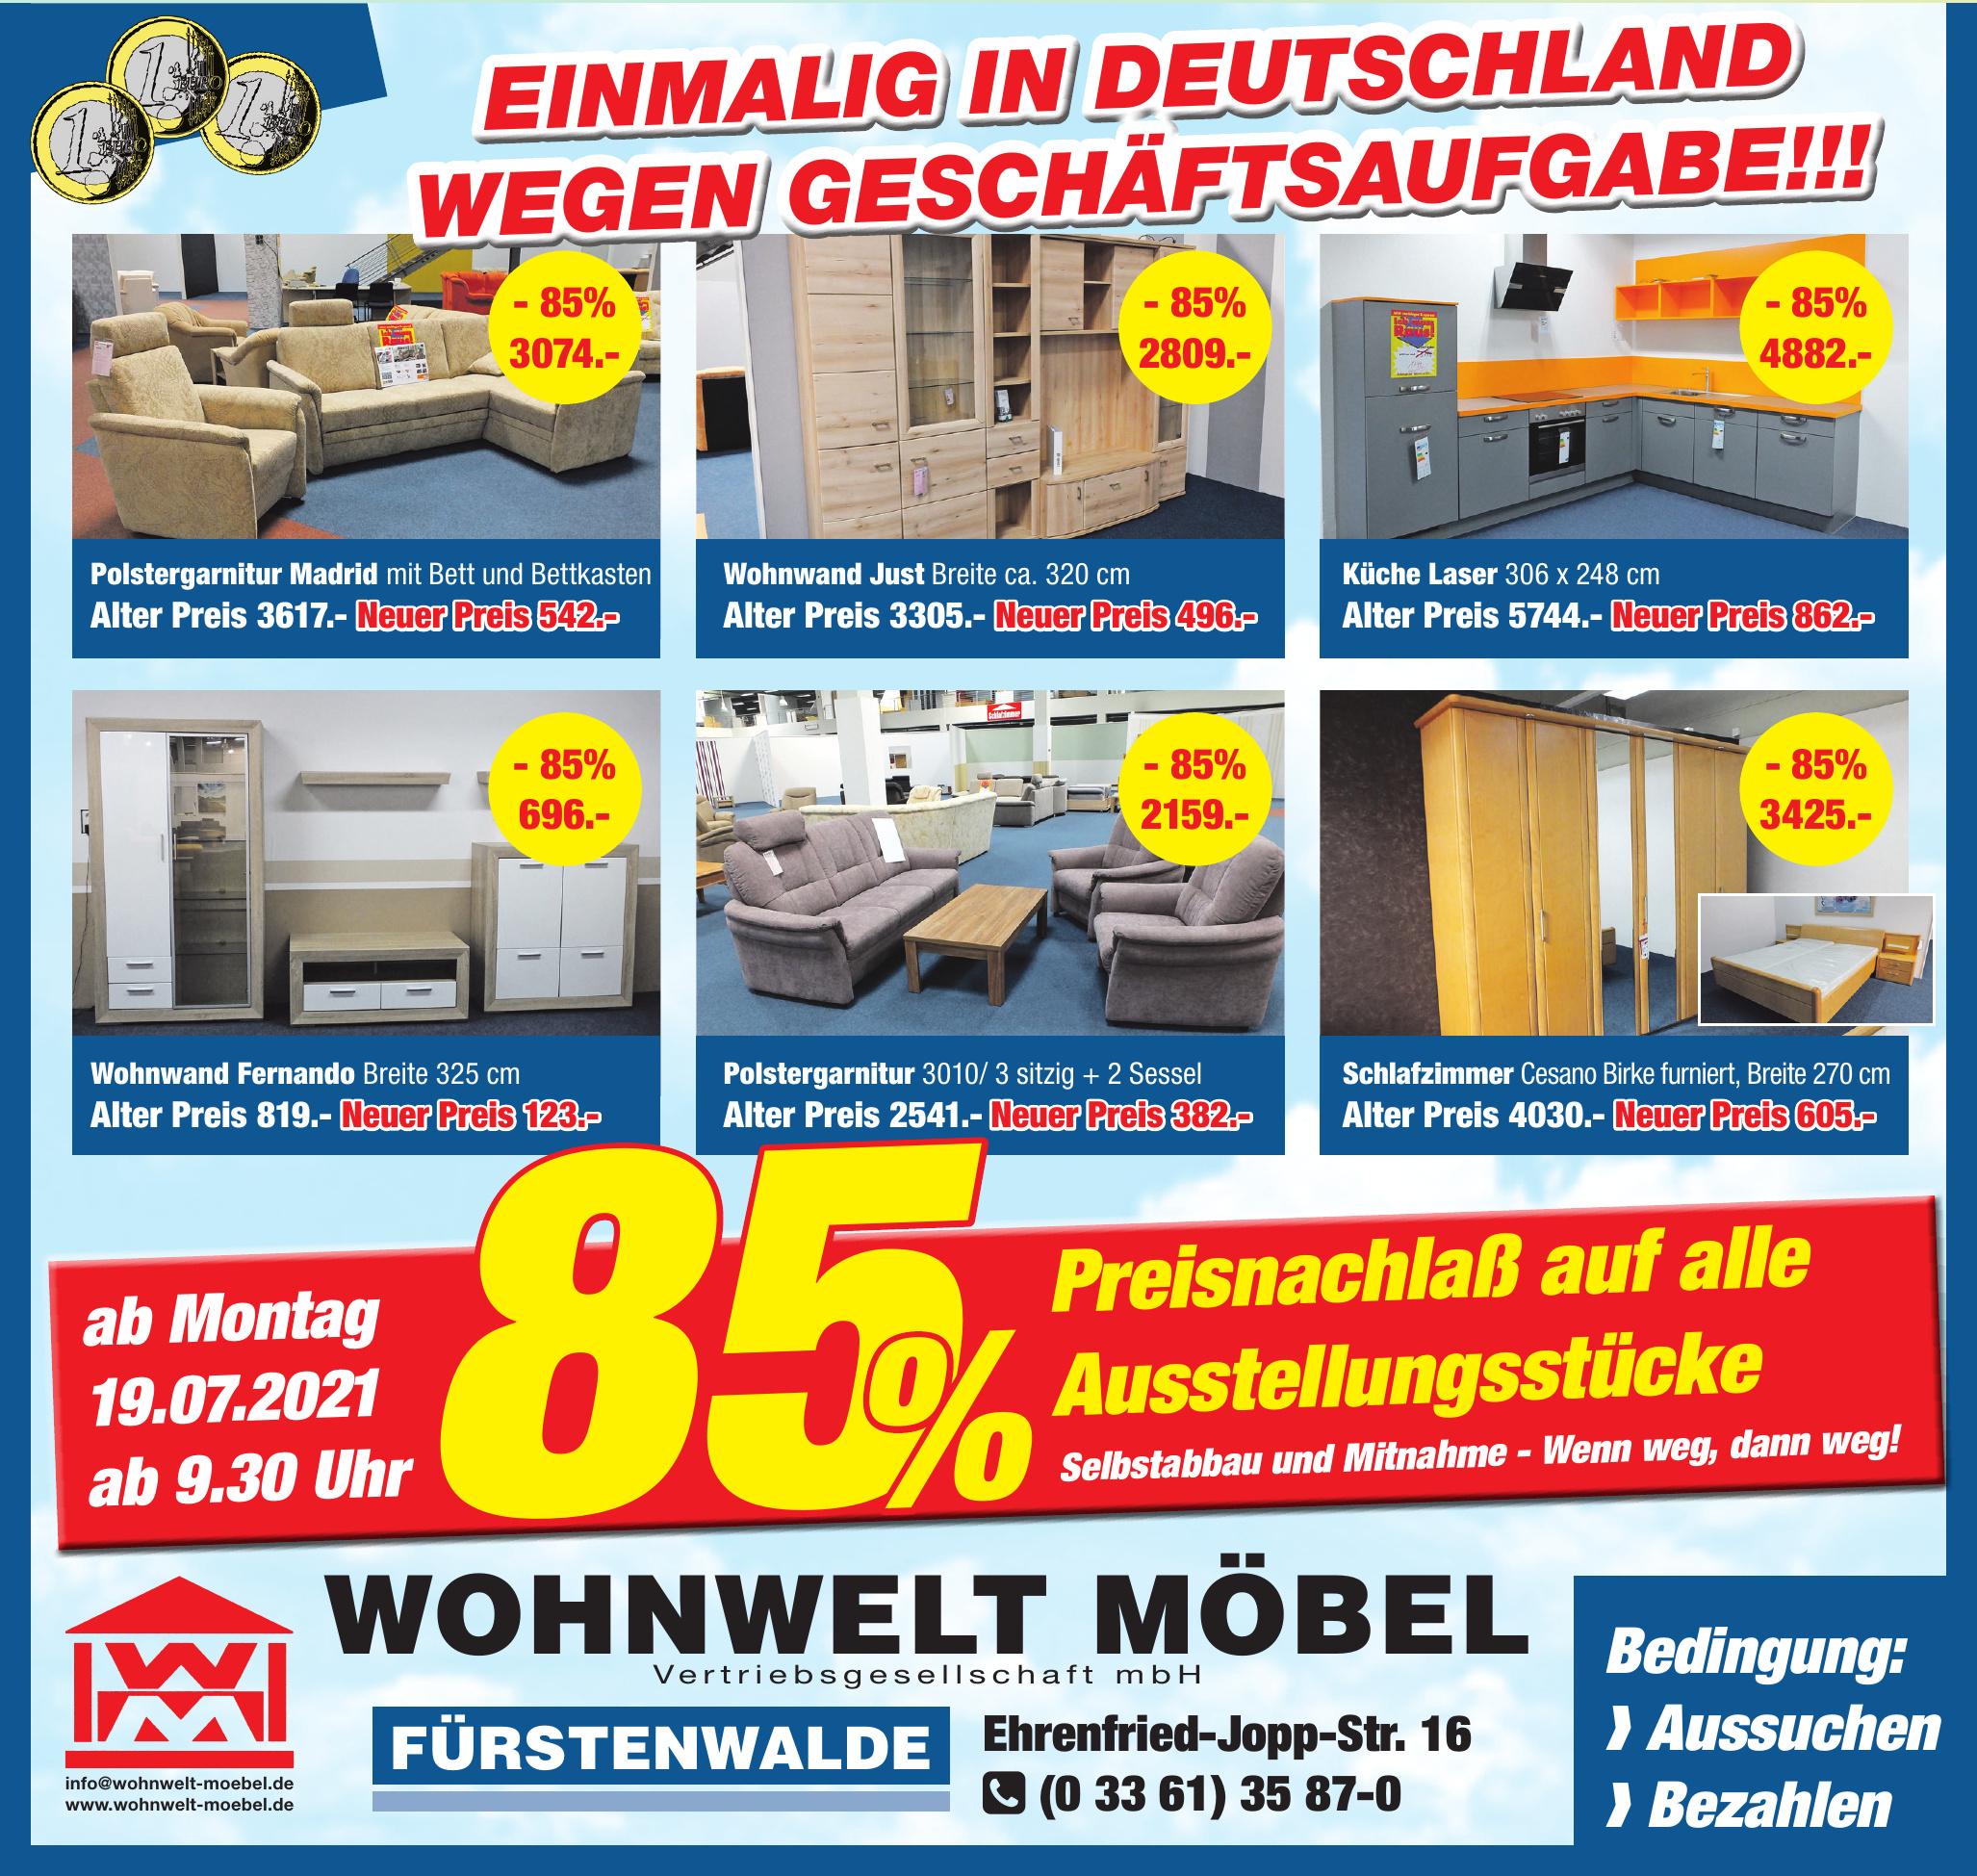 Wohnwelt Möbel Vertriebsgesellschaft mbH